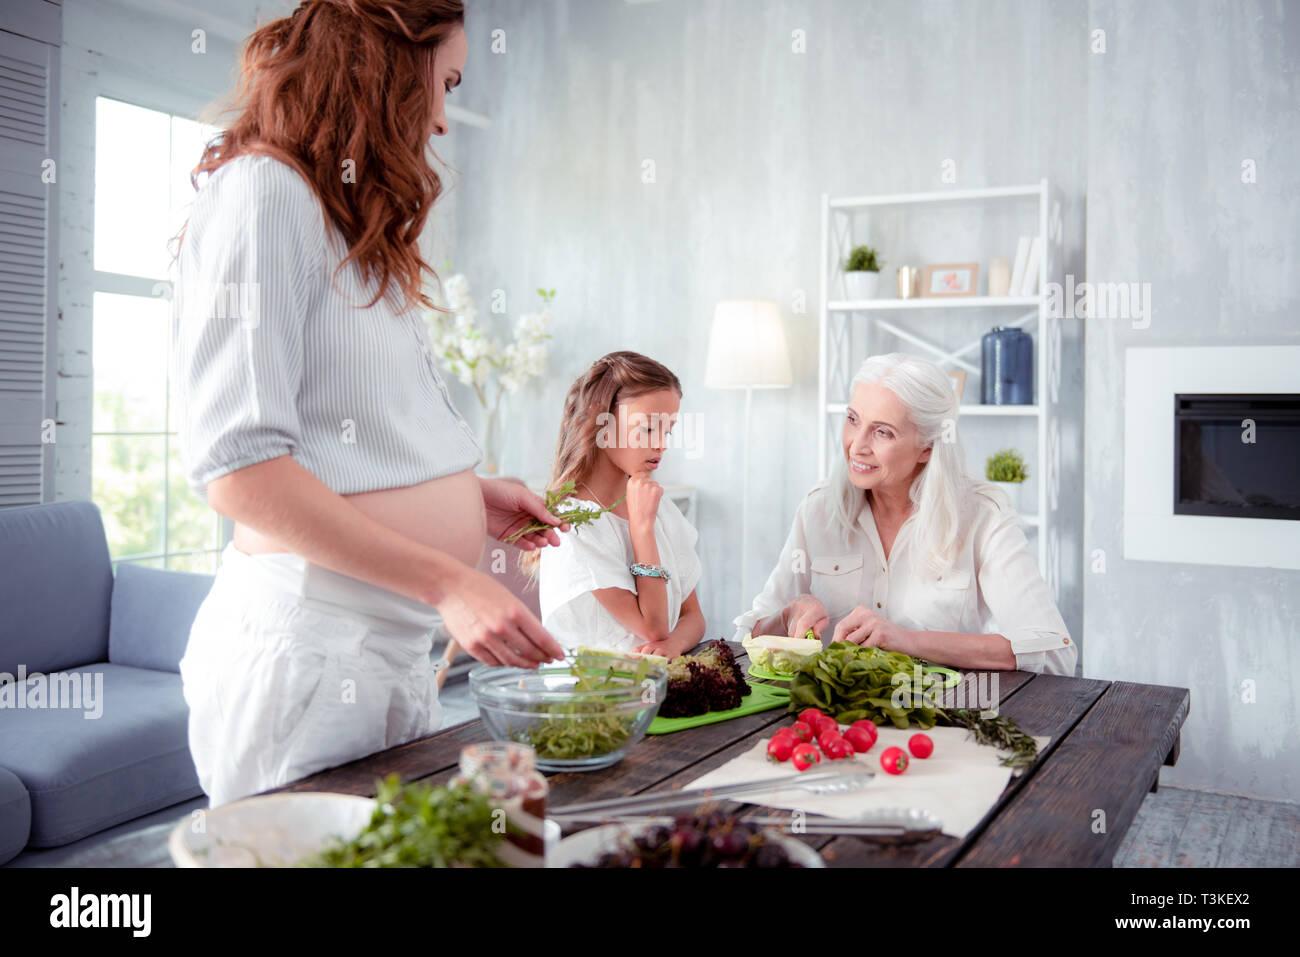 Schwangere dunkelhaarige Frau Abendessen kochen mit Mama und Tochter Stockbild